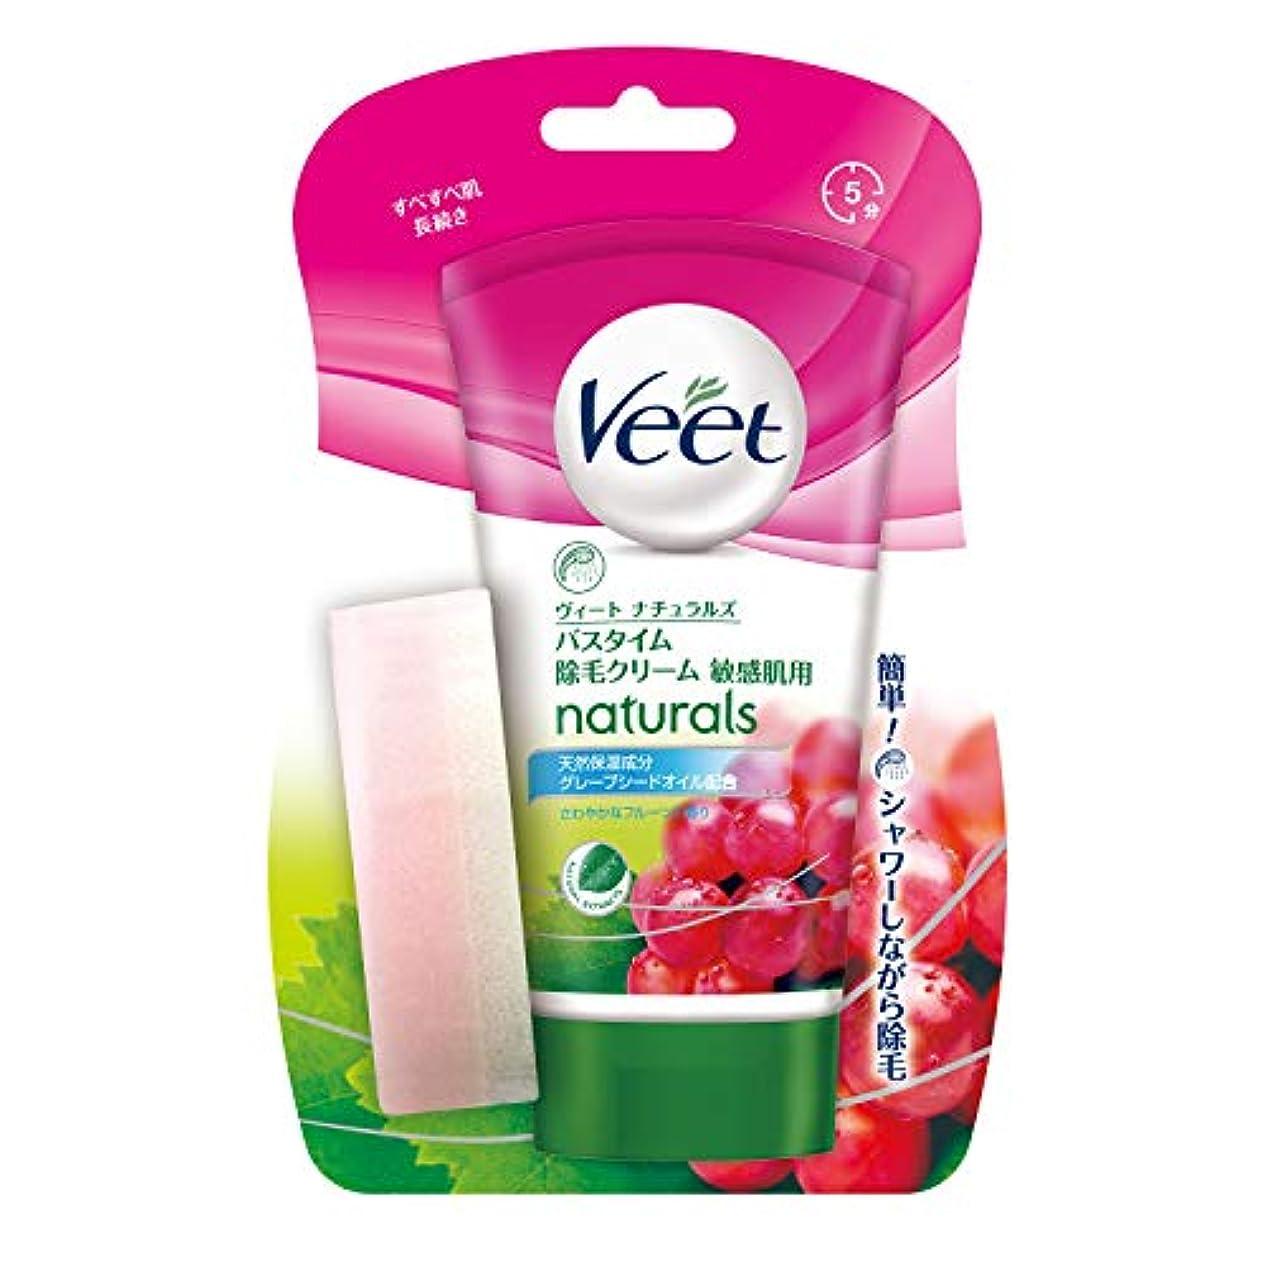 足枷謝る特異なヴィート バスタイムセン用 除毛クリーム 敏感肌用 150g (Veet Naturals In Shower Hair Removal Cream  Sensitive 150g)